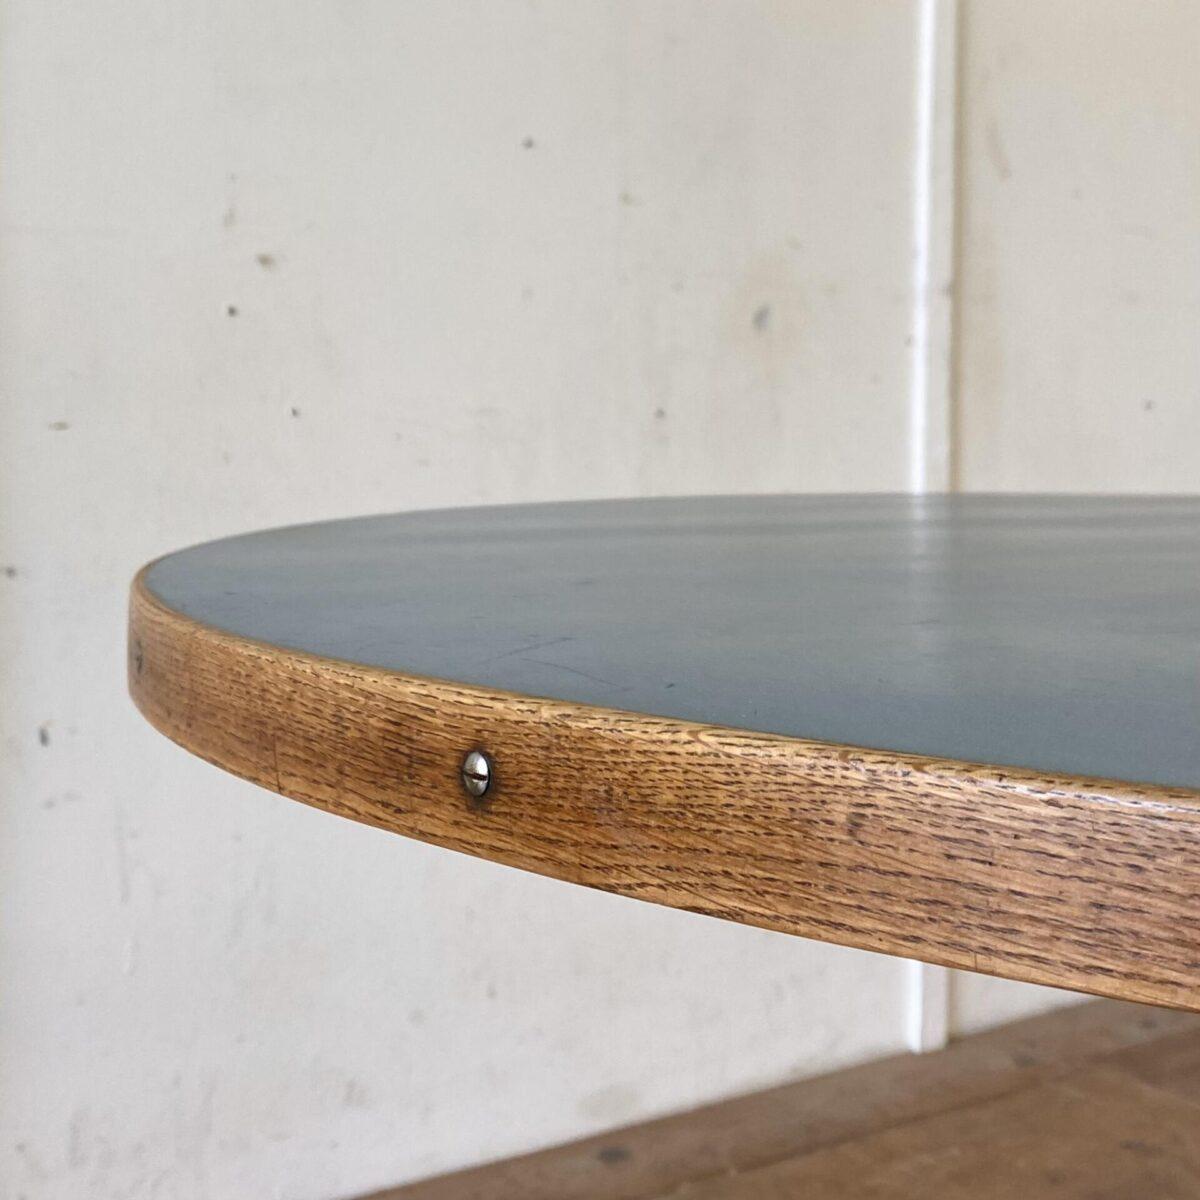 Runder Linoleum Tisch mit Metallfuss. Durchmesser 100cm Höhe 73cm. Der Mittelfuss ist Qualitativ verarbeitet, unten verchromt, die Tischfüsse lassen sich nivellieren. Das bläuliche Linoleum Tischblatt hat diverse Gebrauchsspuren, hicke und Schrammen. Auch die Bretter der grundplatte zeichnen ab, leicht uneben. Ansonsten in stabilem funktionalen Zustand. Die Tischkante ist aus Eiche mit Linsenkopf Schlitzschrauben. Der drehbare Bürostuhl ist ebenfalls verfügbar. Höhenverstellbar von 45-57cm. 170.- Buchenholz mit Patina geschliffen und geölt.